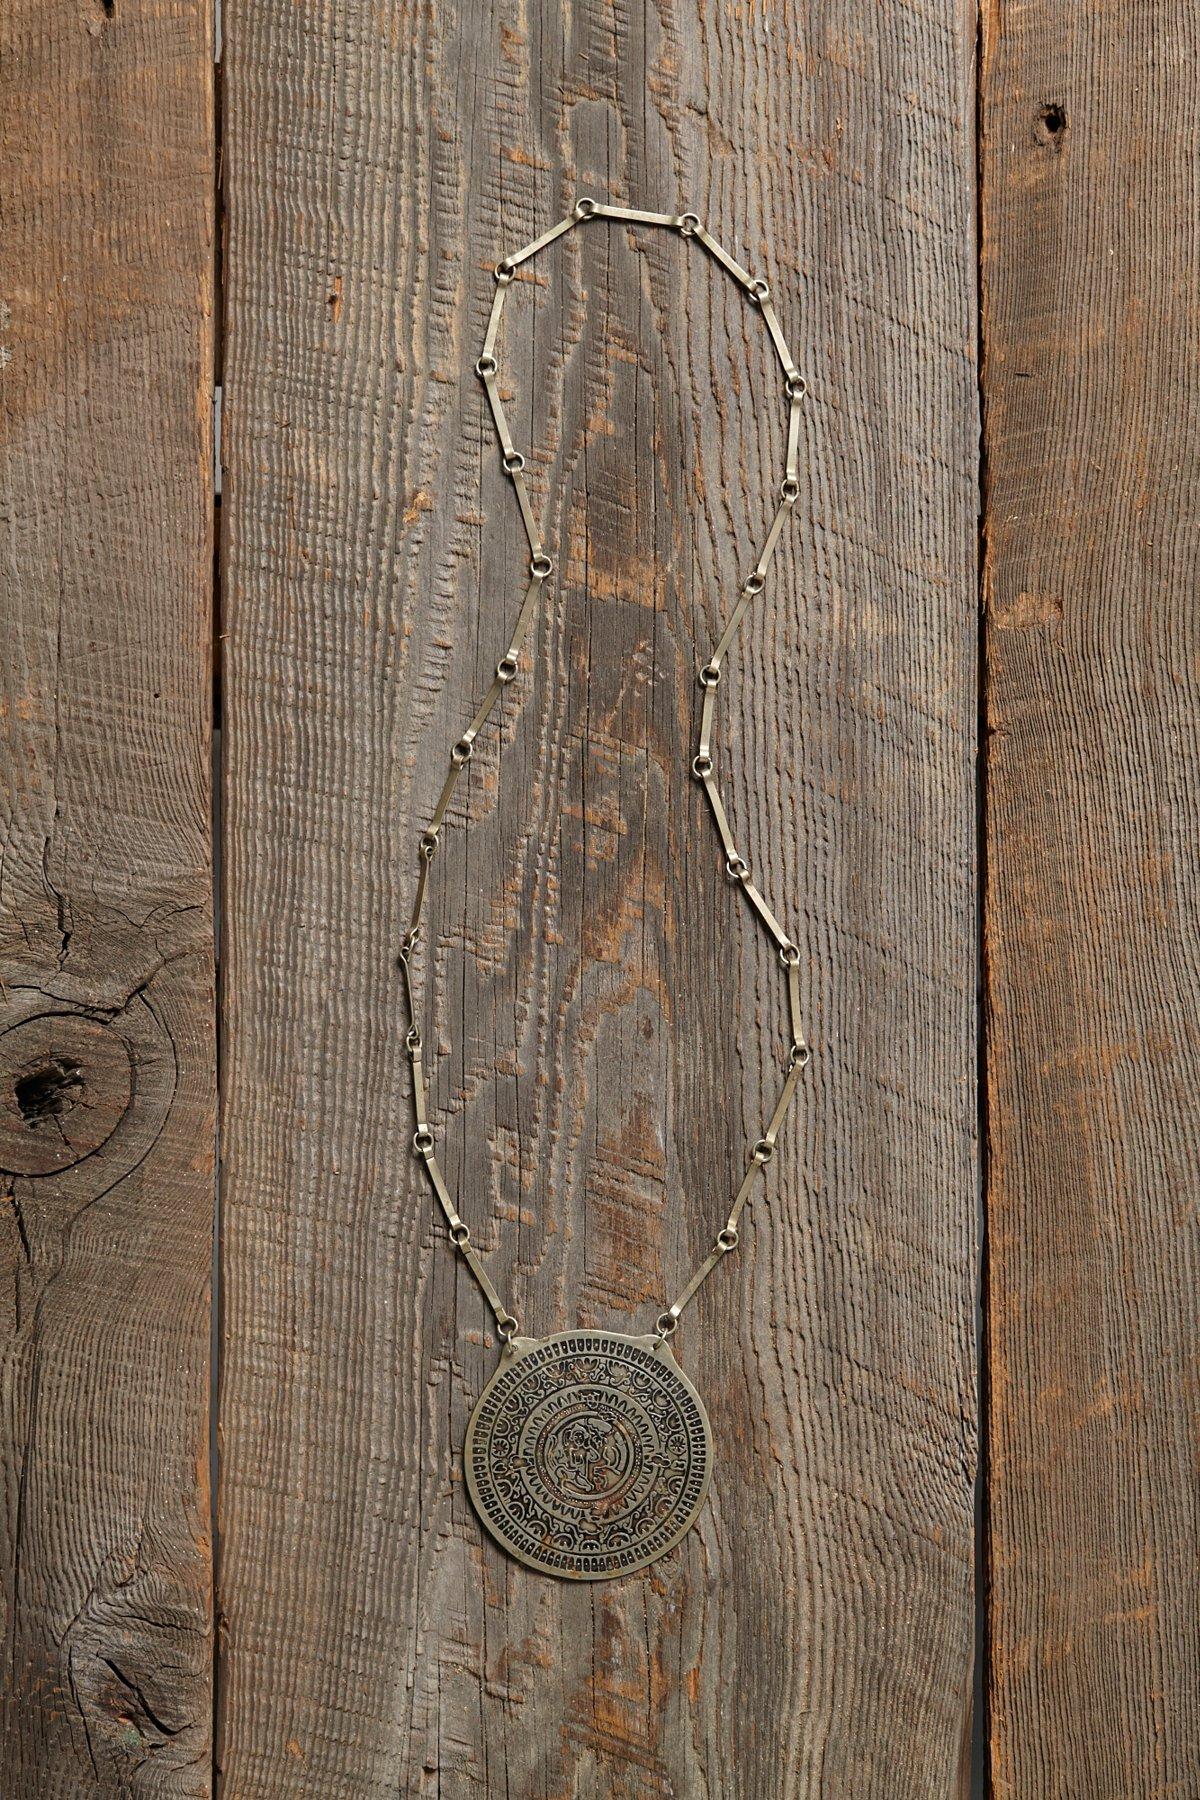 Vintage 1970s Stamped Necklace